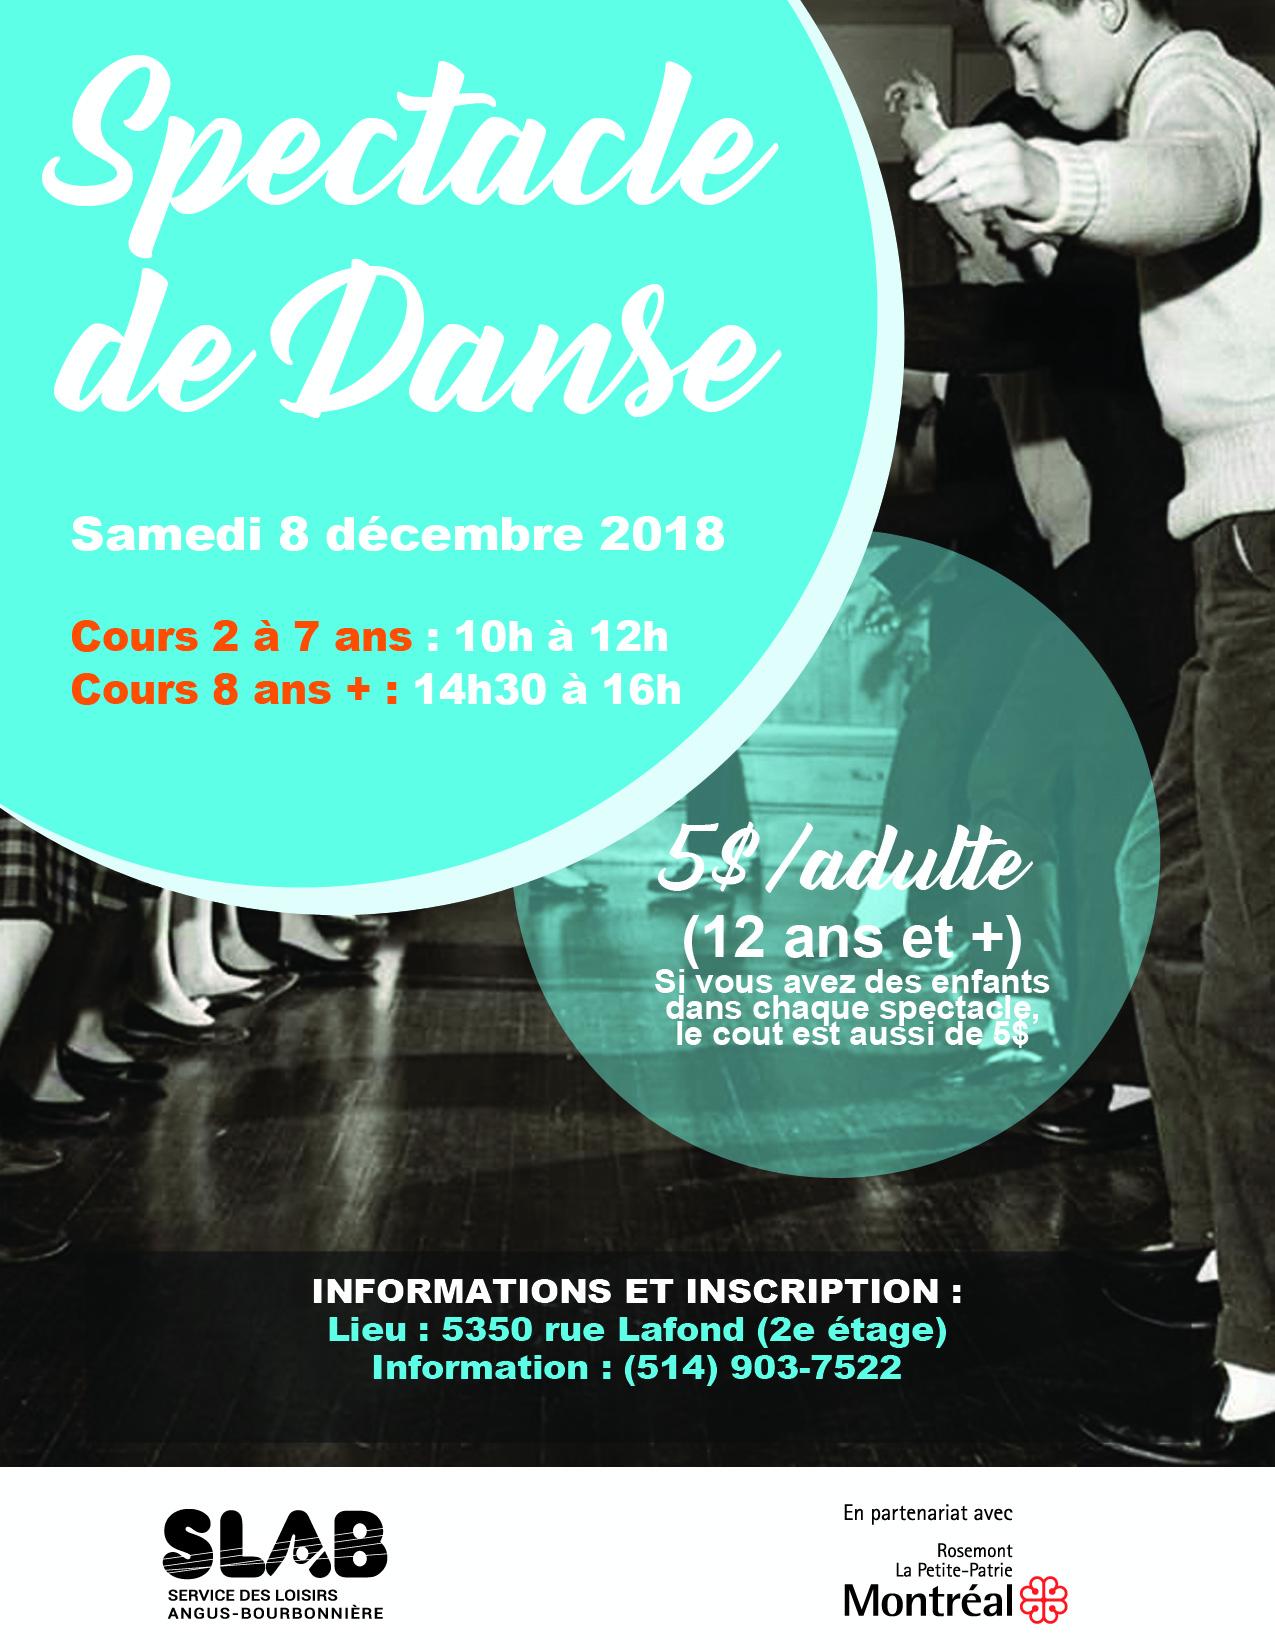 Matériel - Spectacle de danse affiche - Bonne version